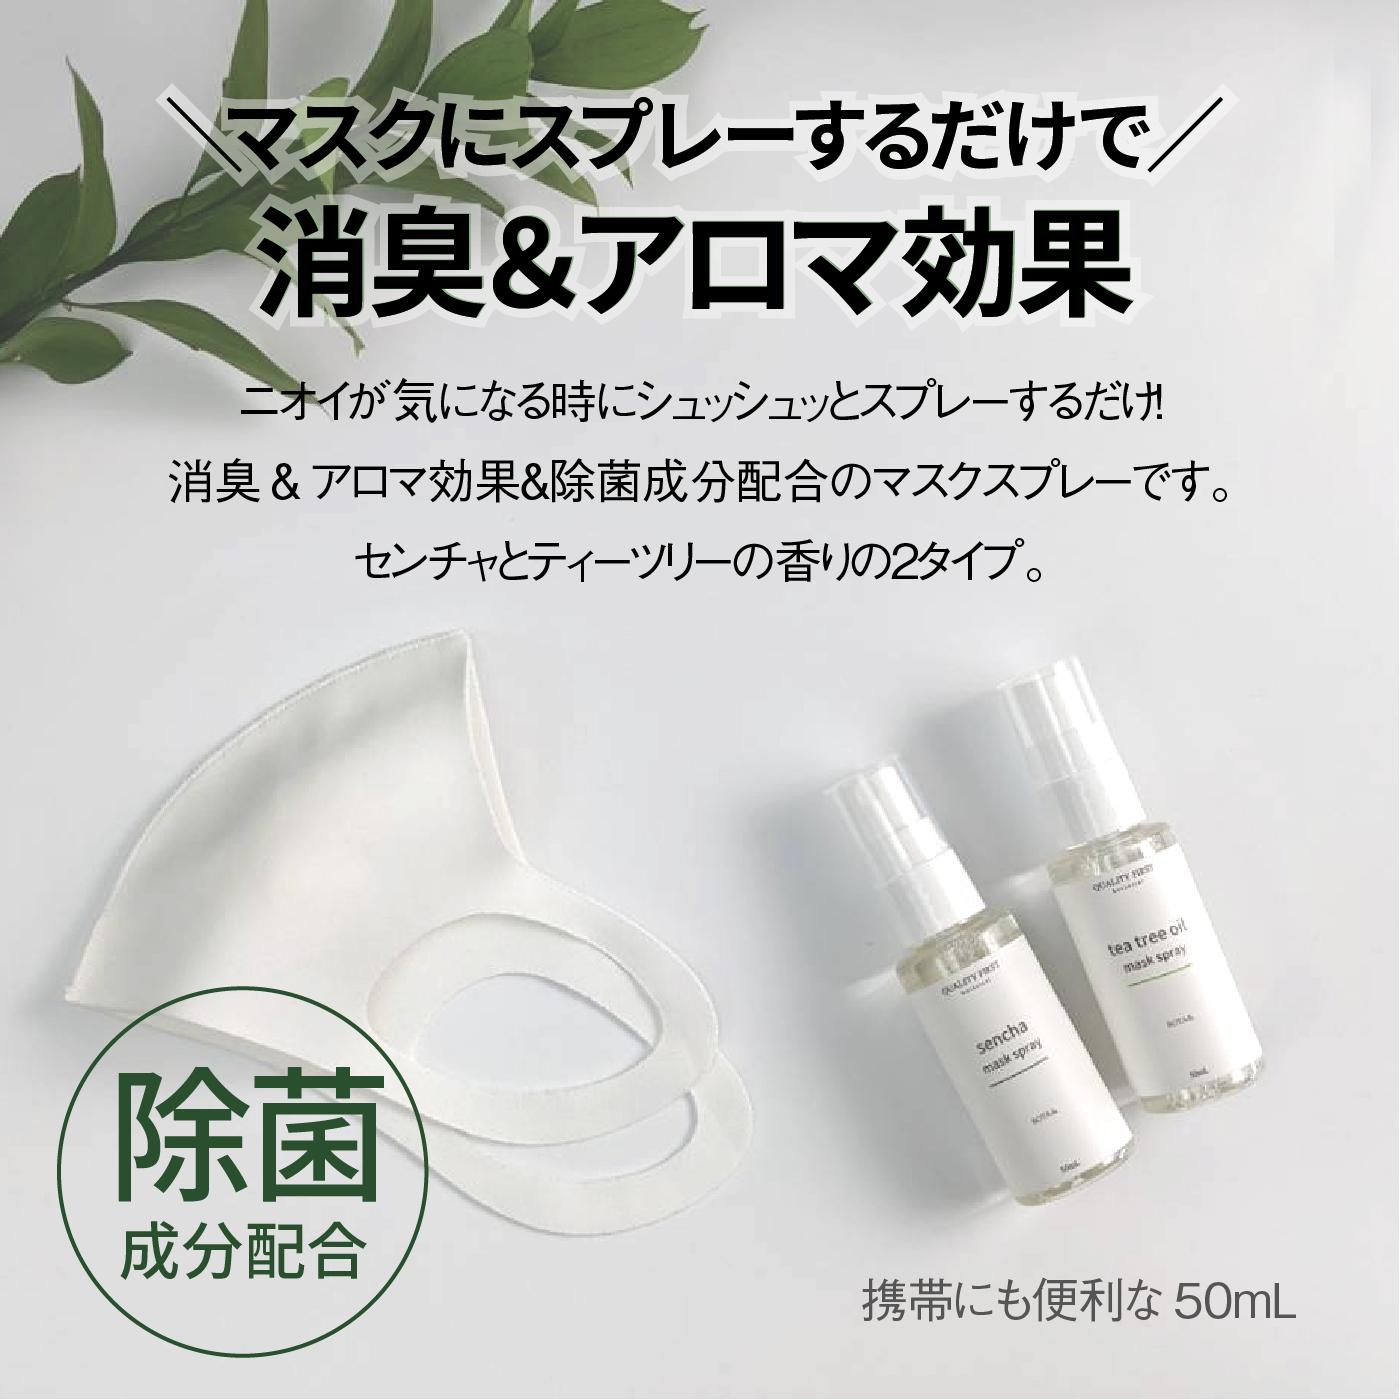 マスクにスプレーするだけで消臭&アロマ効果 ニオイが気になる時にシュッシュッとスプレーするだけ!消臭&アロマ効果&除菌成分配合のマスクスプレーです。センチャとティーツリーの香りの2タイプ。 除菌成分配合 携帯に便利な50mL